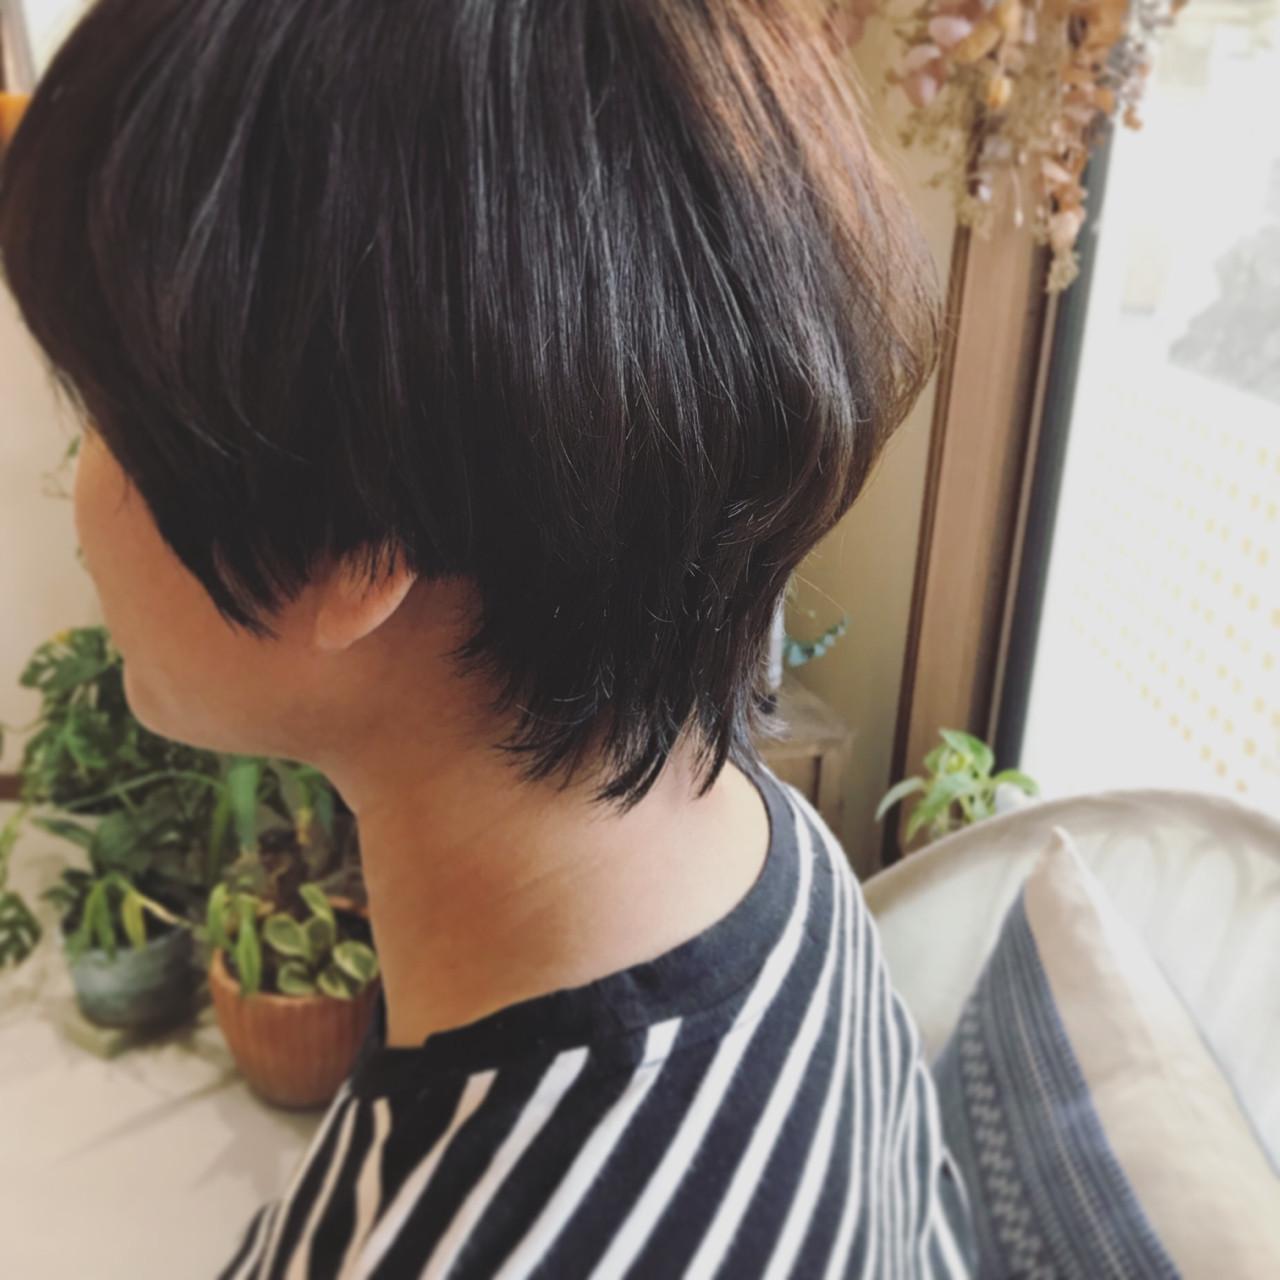 清潔感漂うストレート黒髪マッシュウルフ TOMOKO KUDO | IKKA